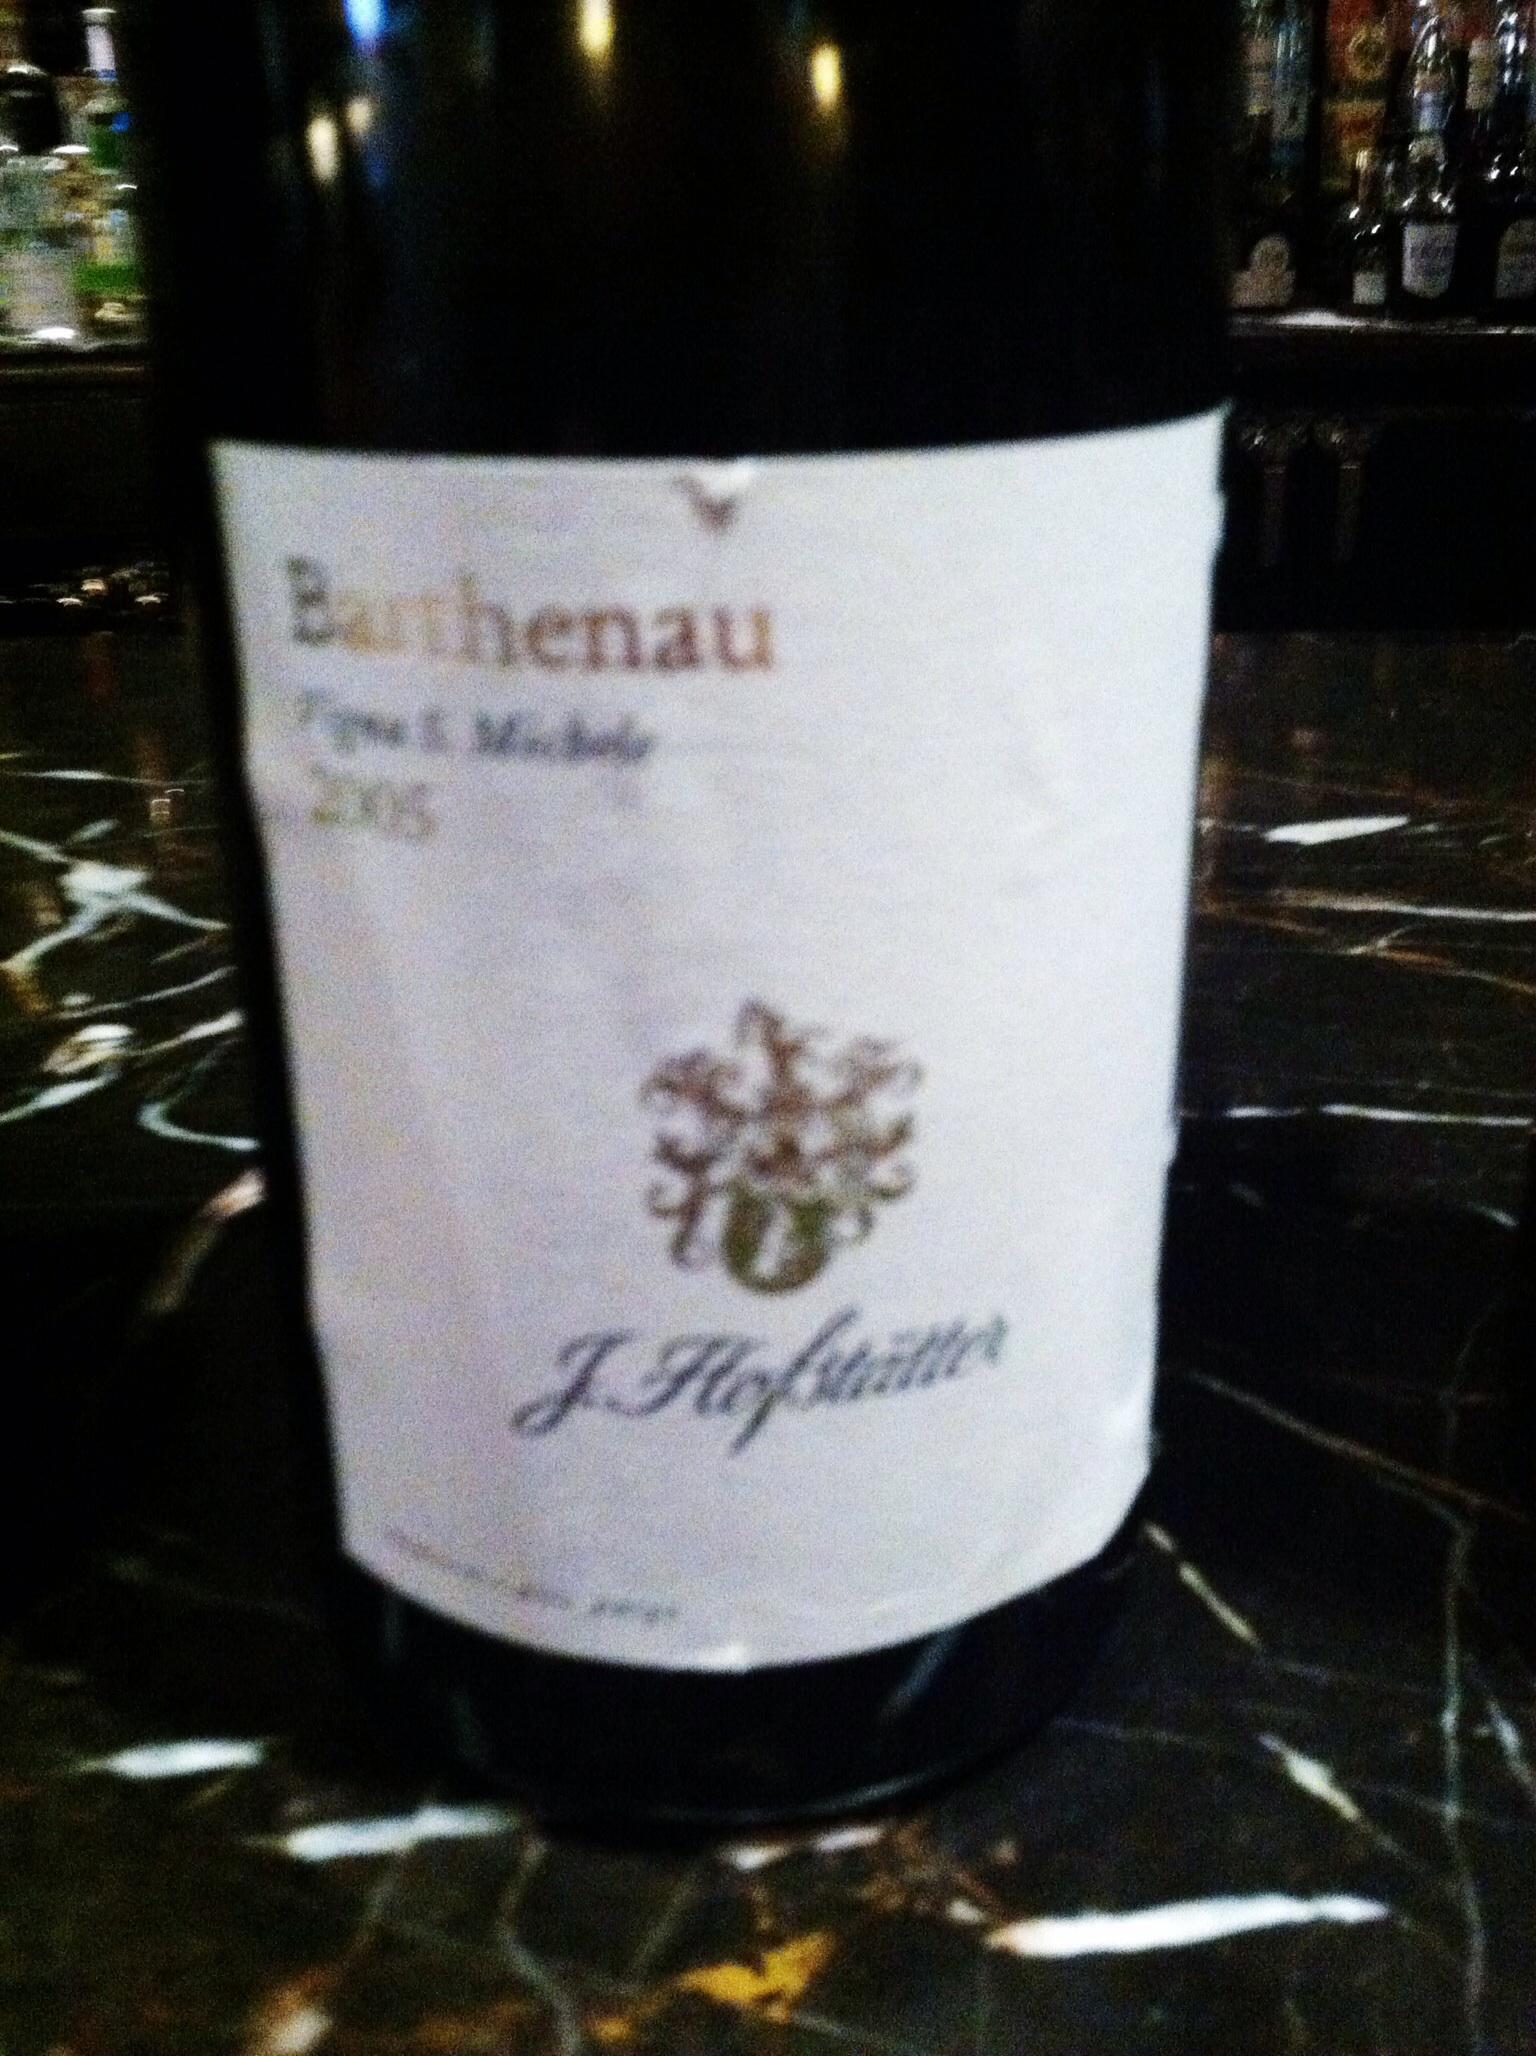 Pinot blanc, photo by Shana Sokol of Shana Speaks Wine